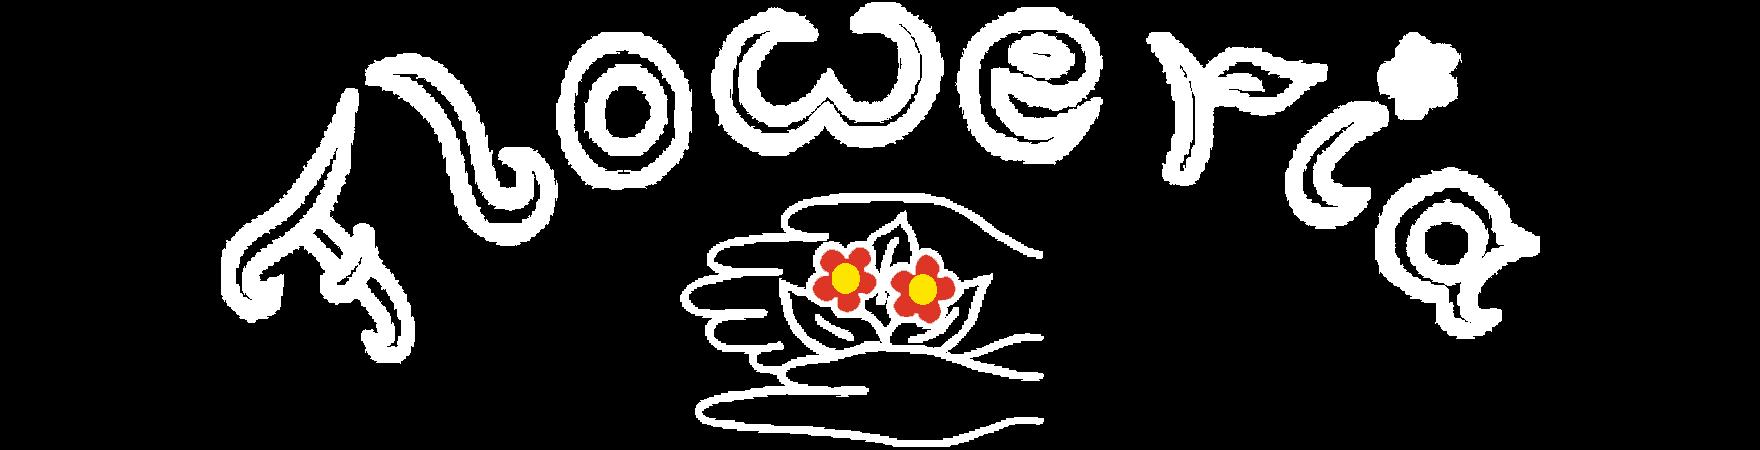 Floweria